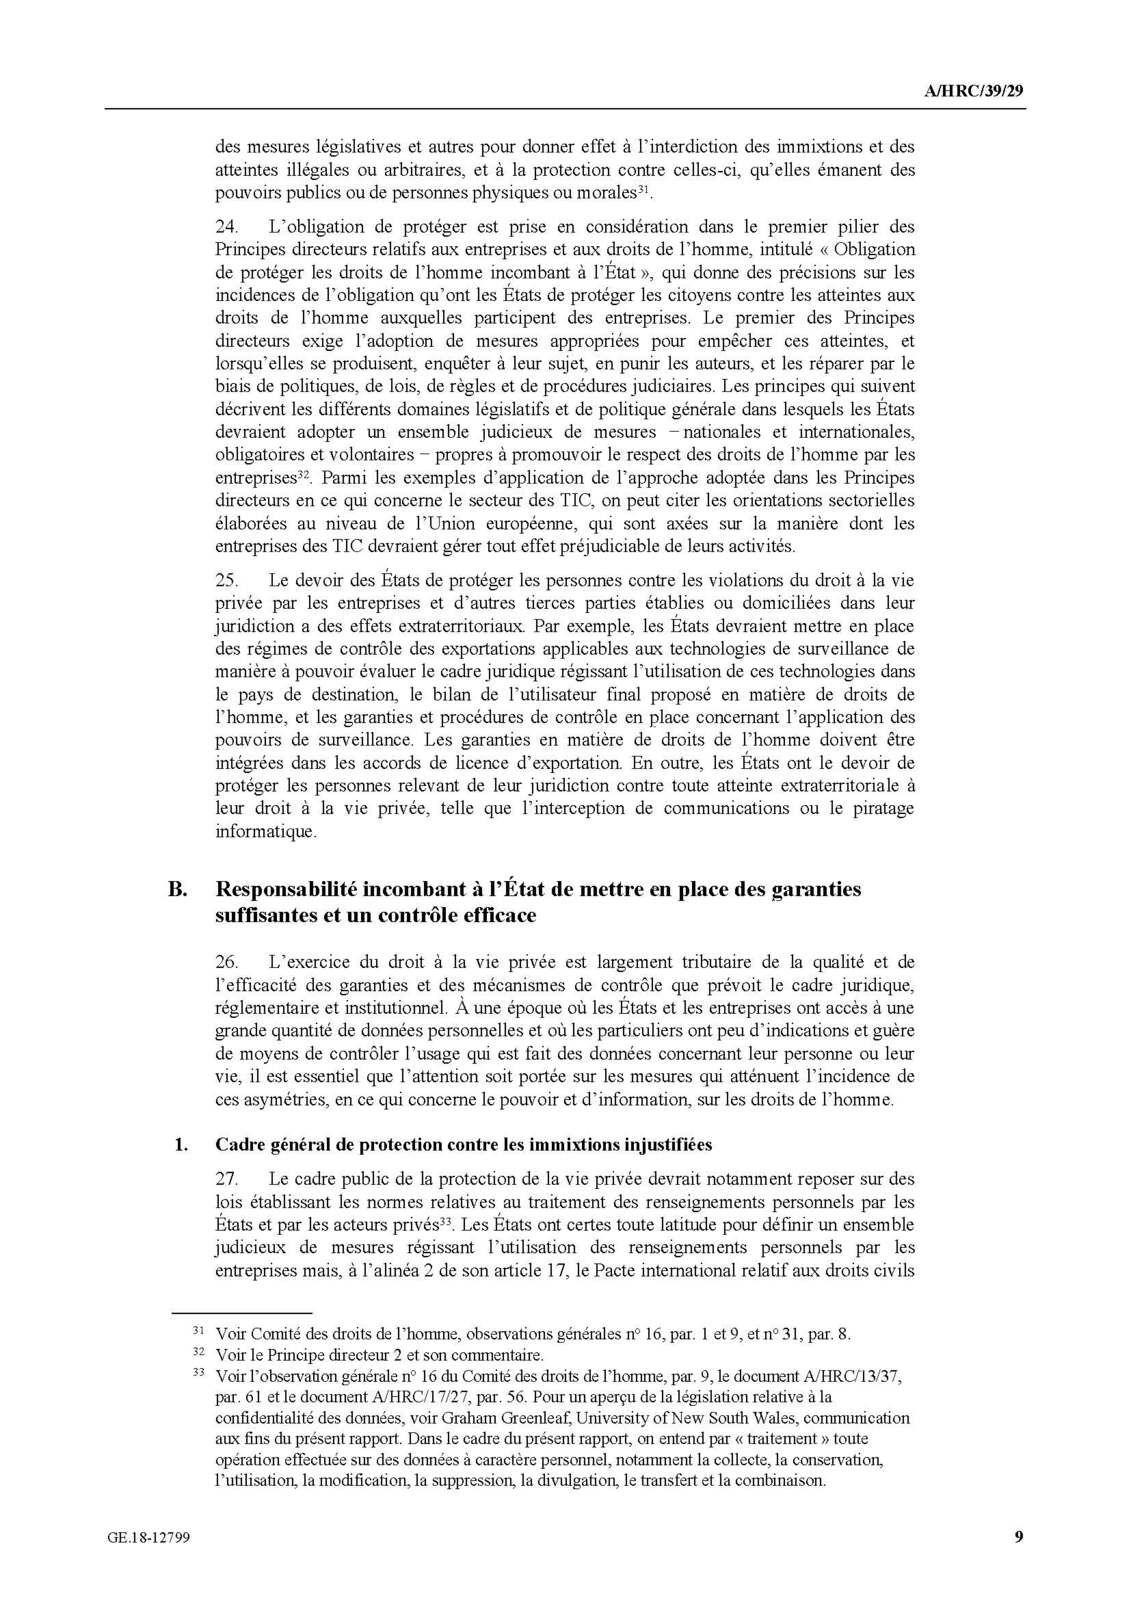 Le droit à la vie privée à l'ère du numérique, rapport du Haut-commissaire des Nations Unies aux droits de l'homme